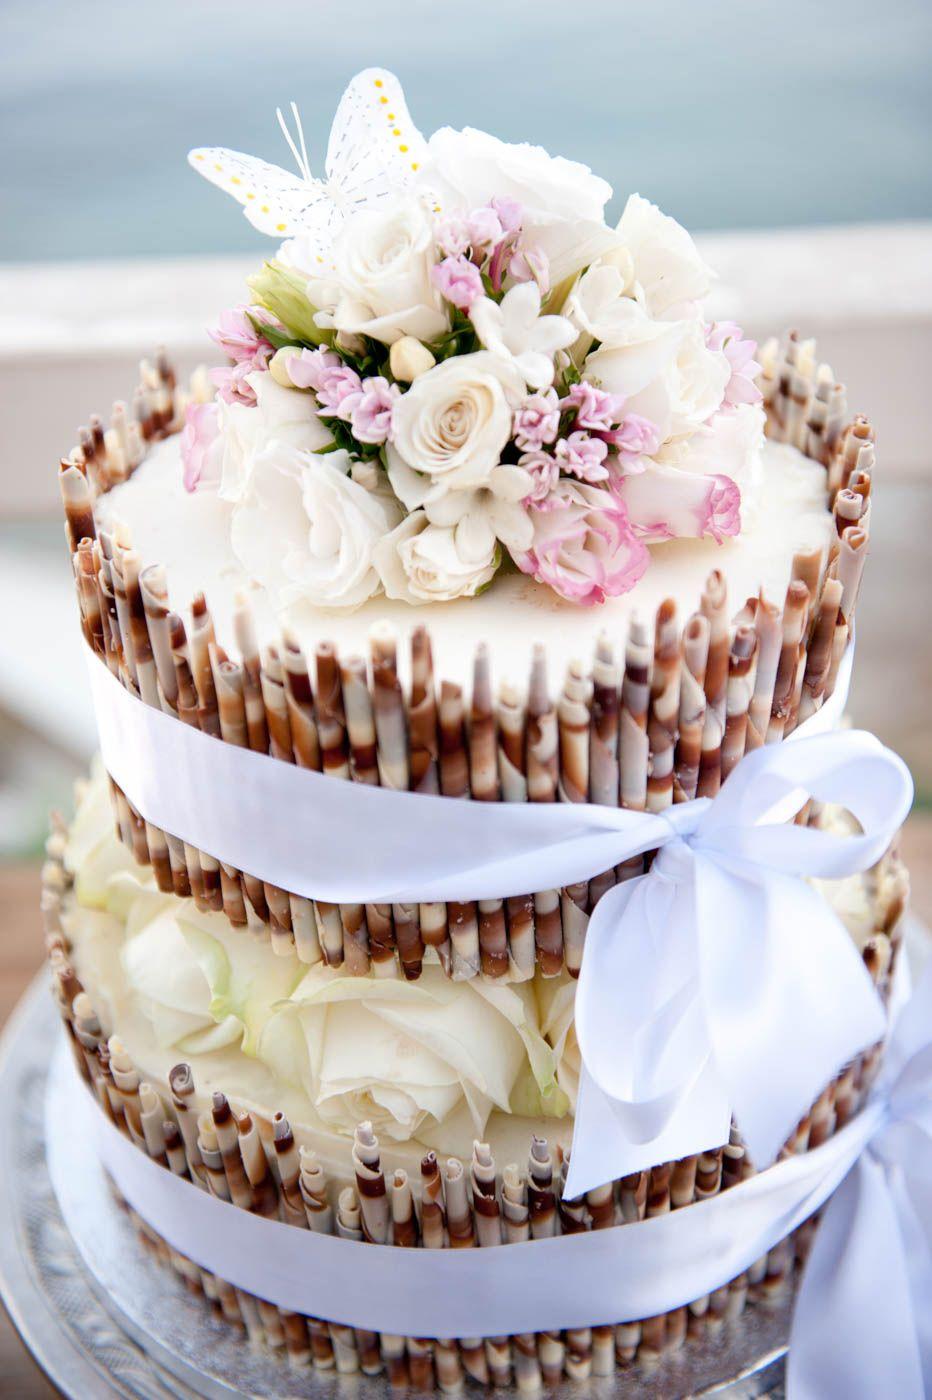 Amy and del cheesecake wedding cake wedding cheesecake